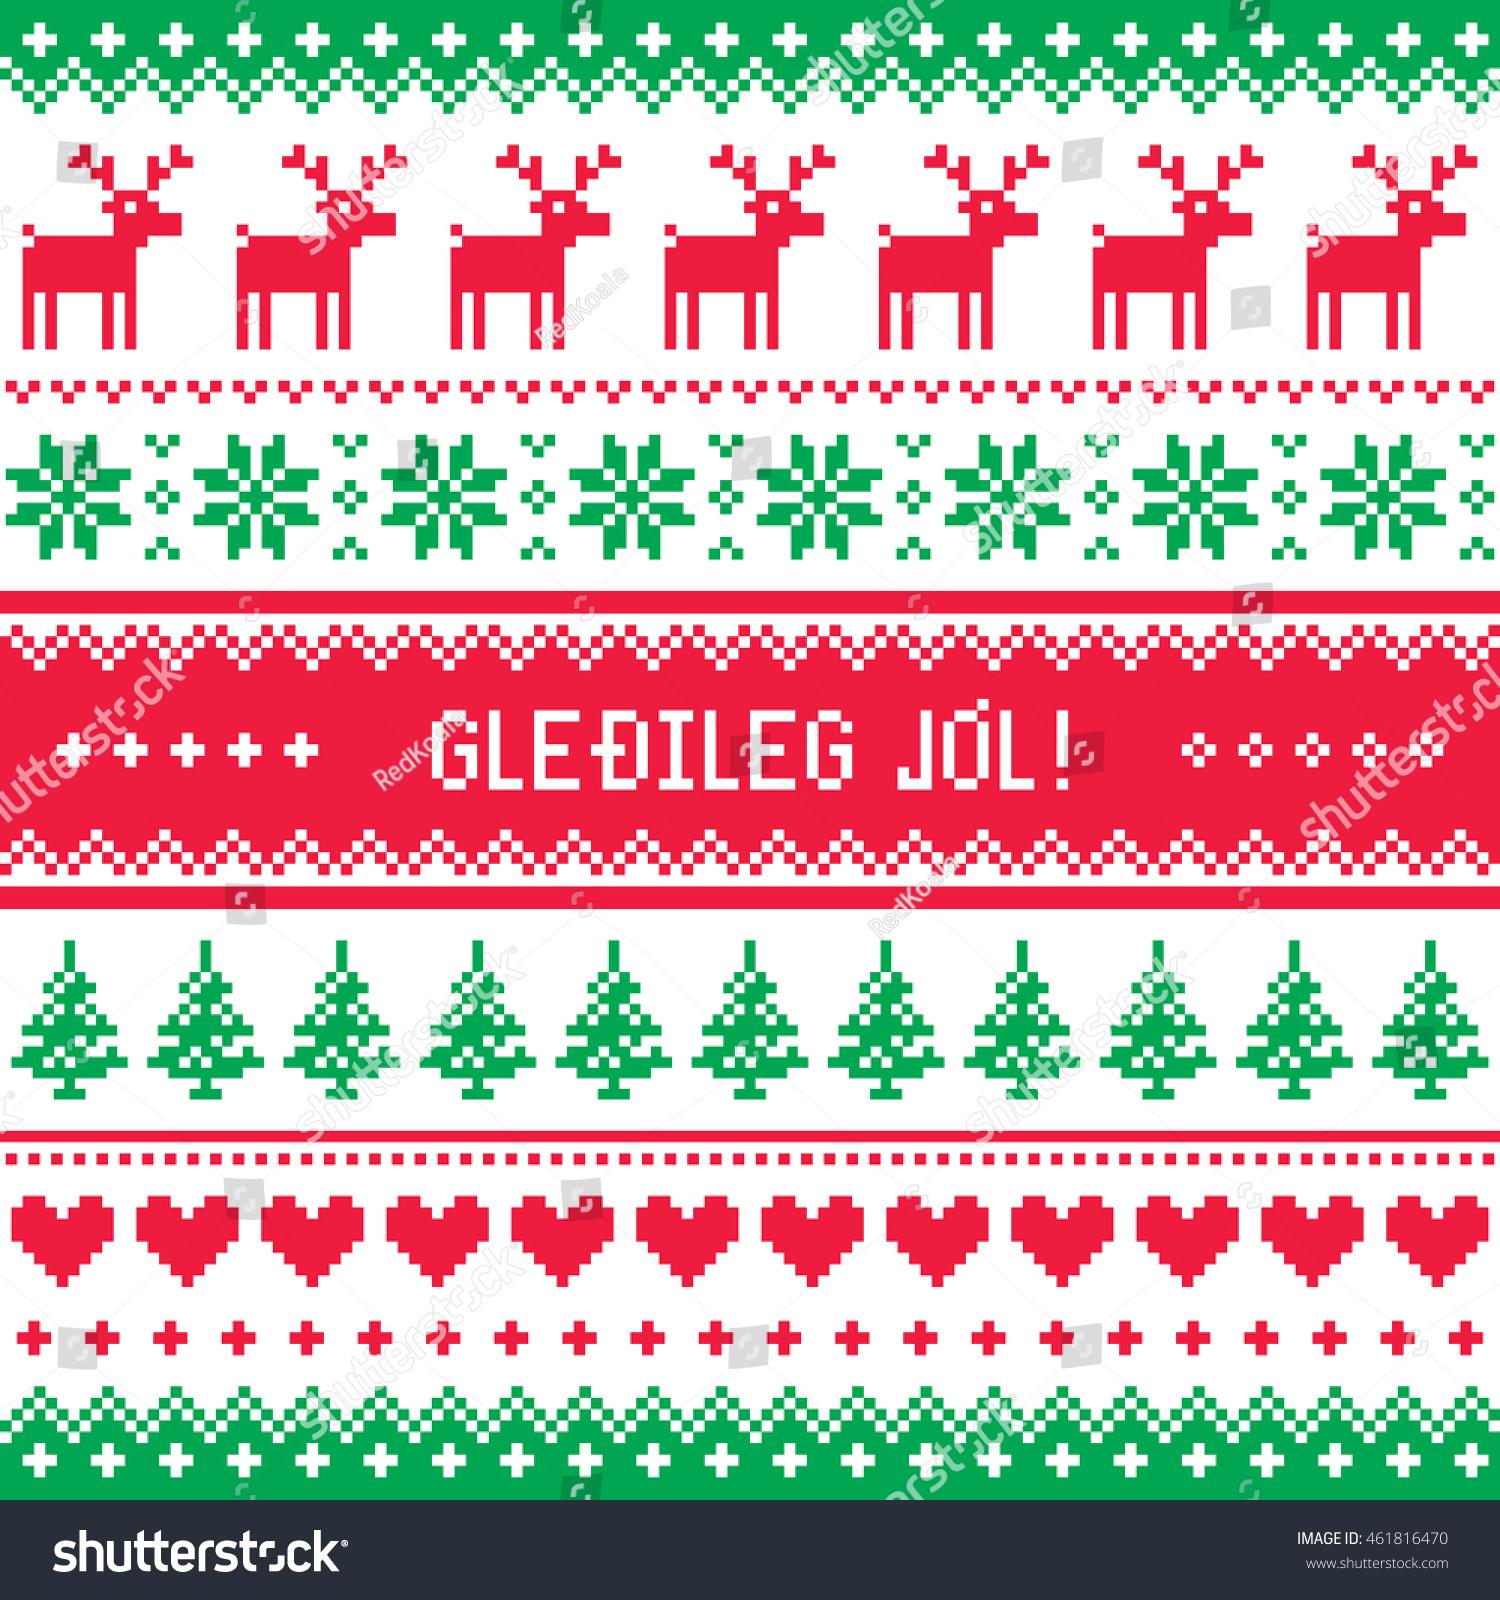 gledileg jol merry christmas in icelandic pattern greetings card - Merry Christmas In Icelandic